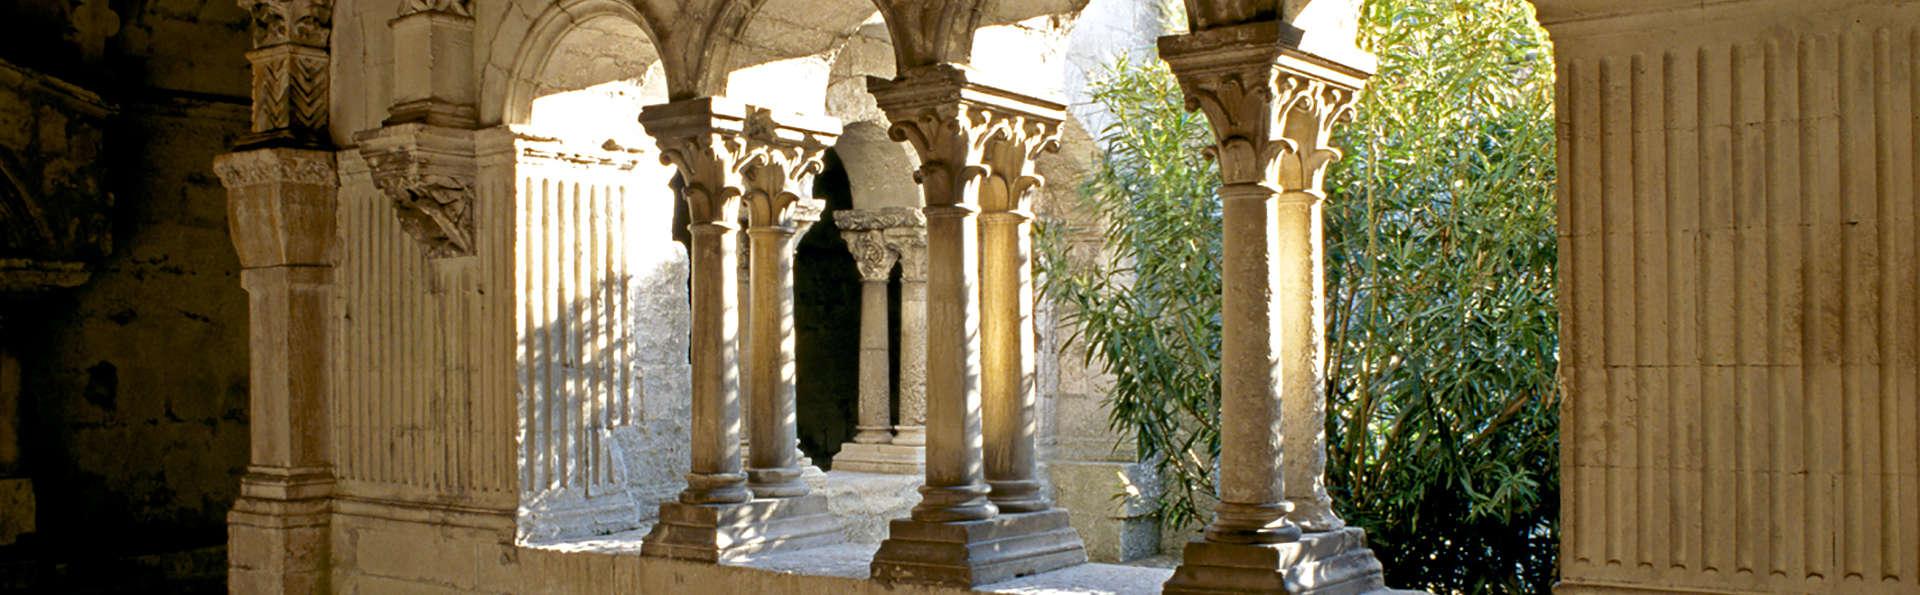 Découverte de l'Abbaye de Montmajour et séjour de charme dans une ancienne chapelle